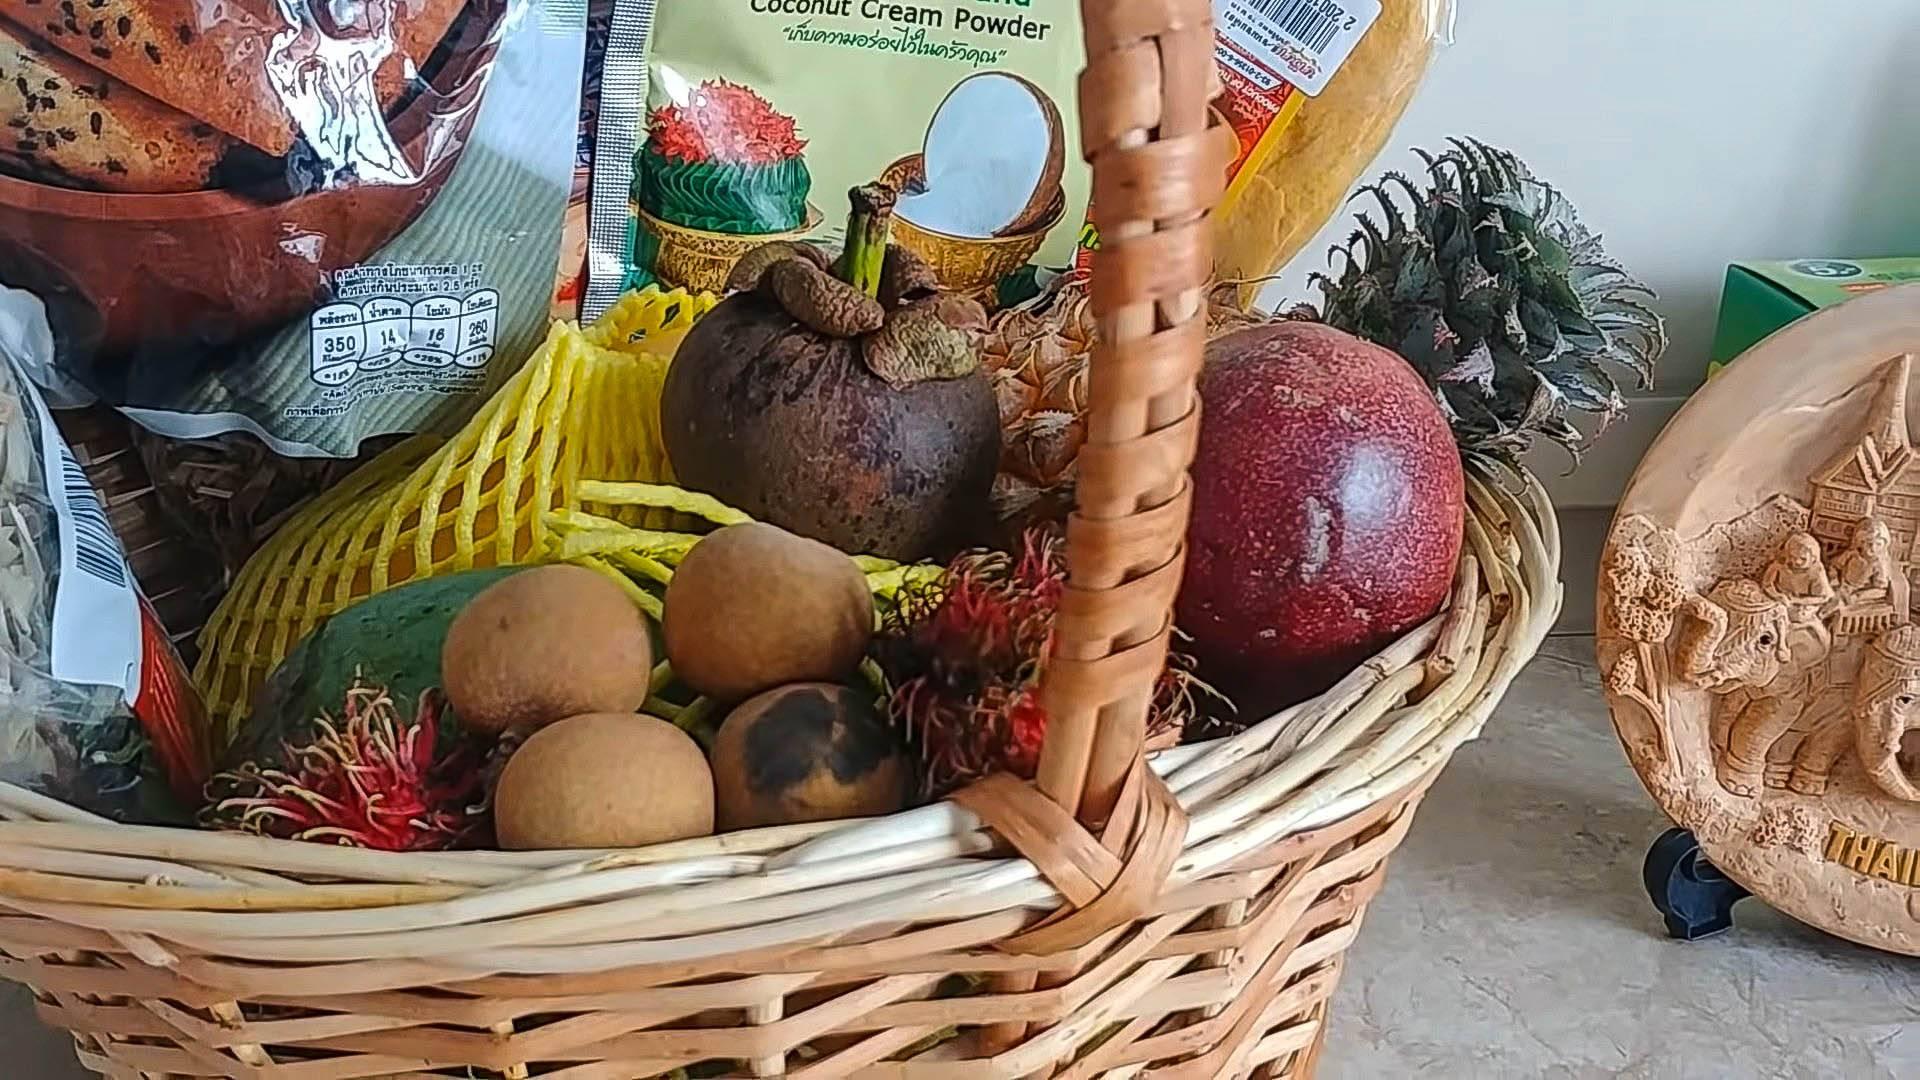 Что привезти из таиланда. какие фрукты, косметику, лекарства и чай. что привезти в подарок. отзывы туристов.